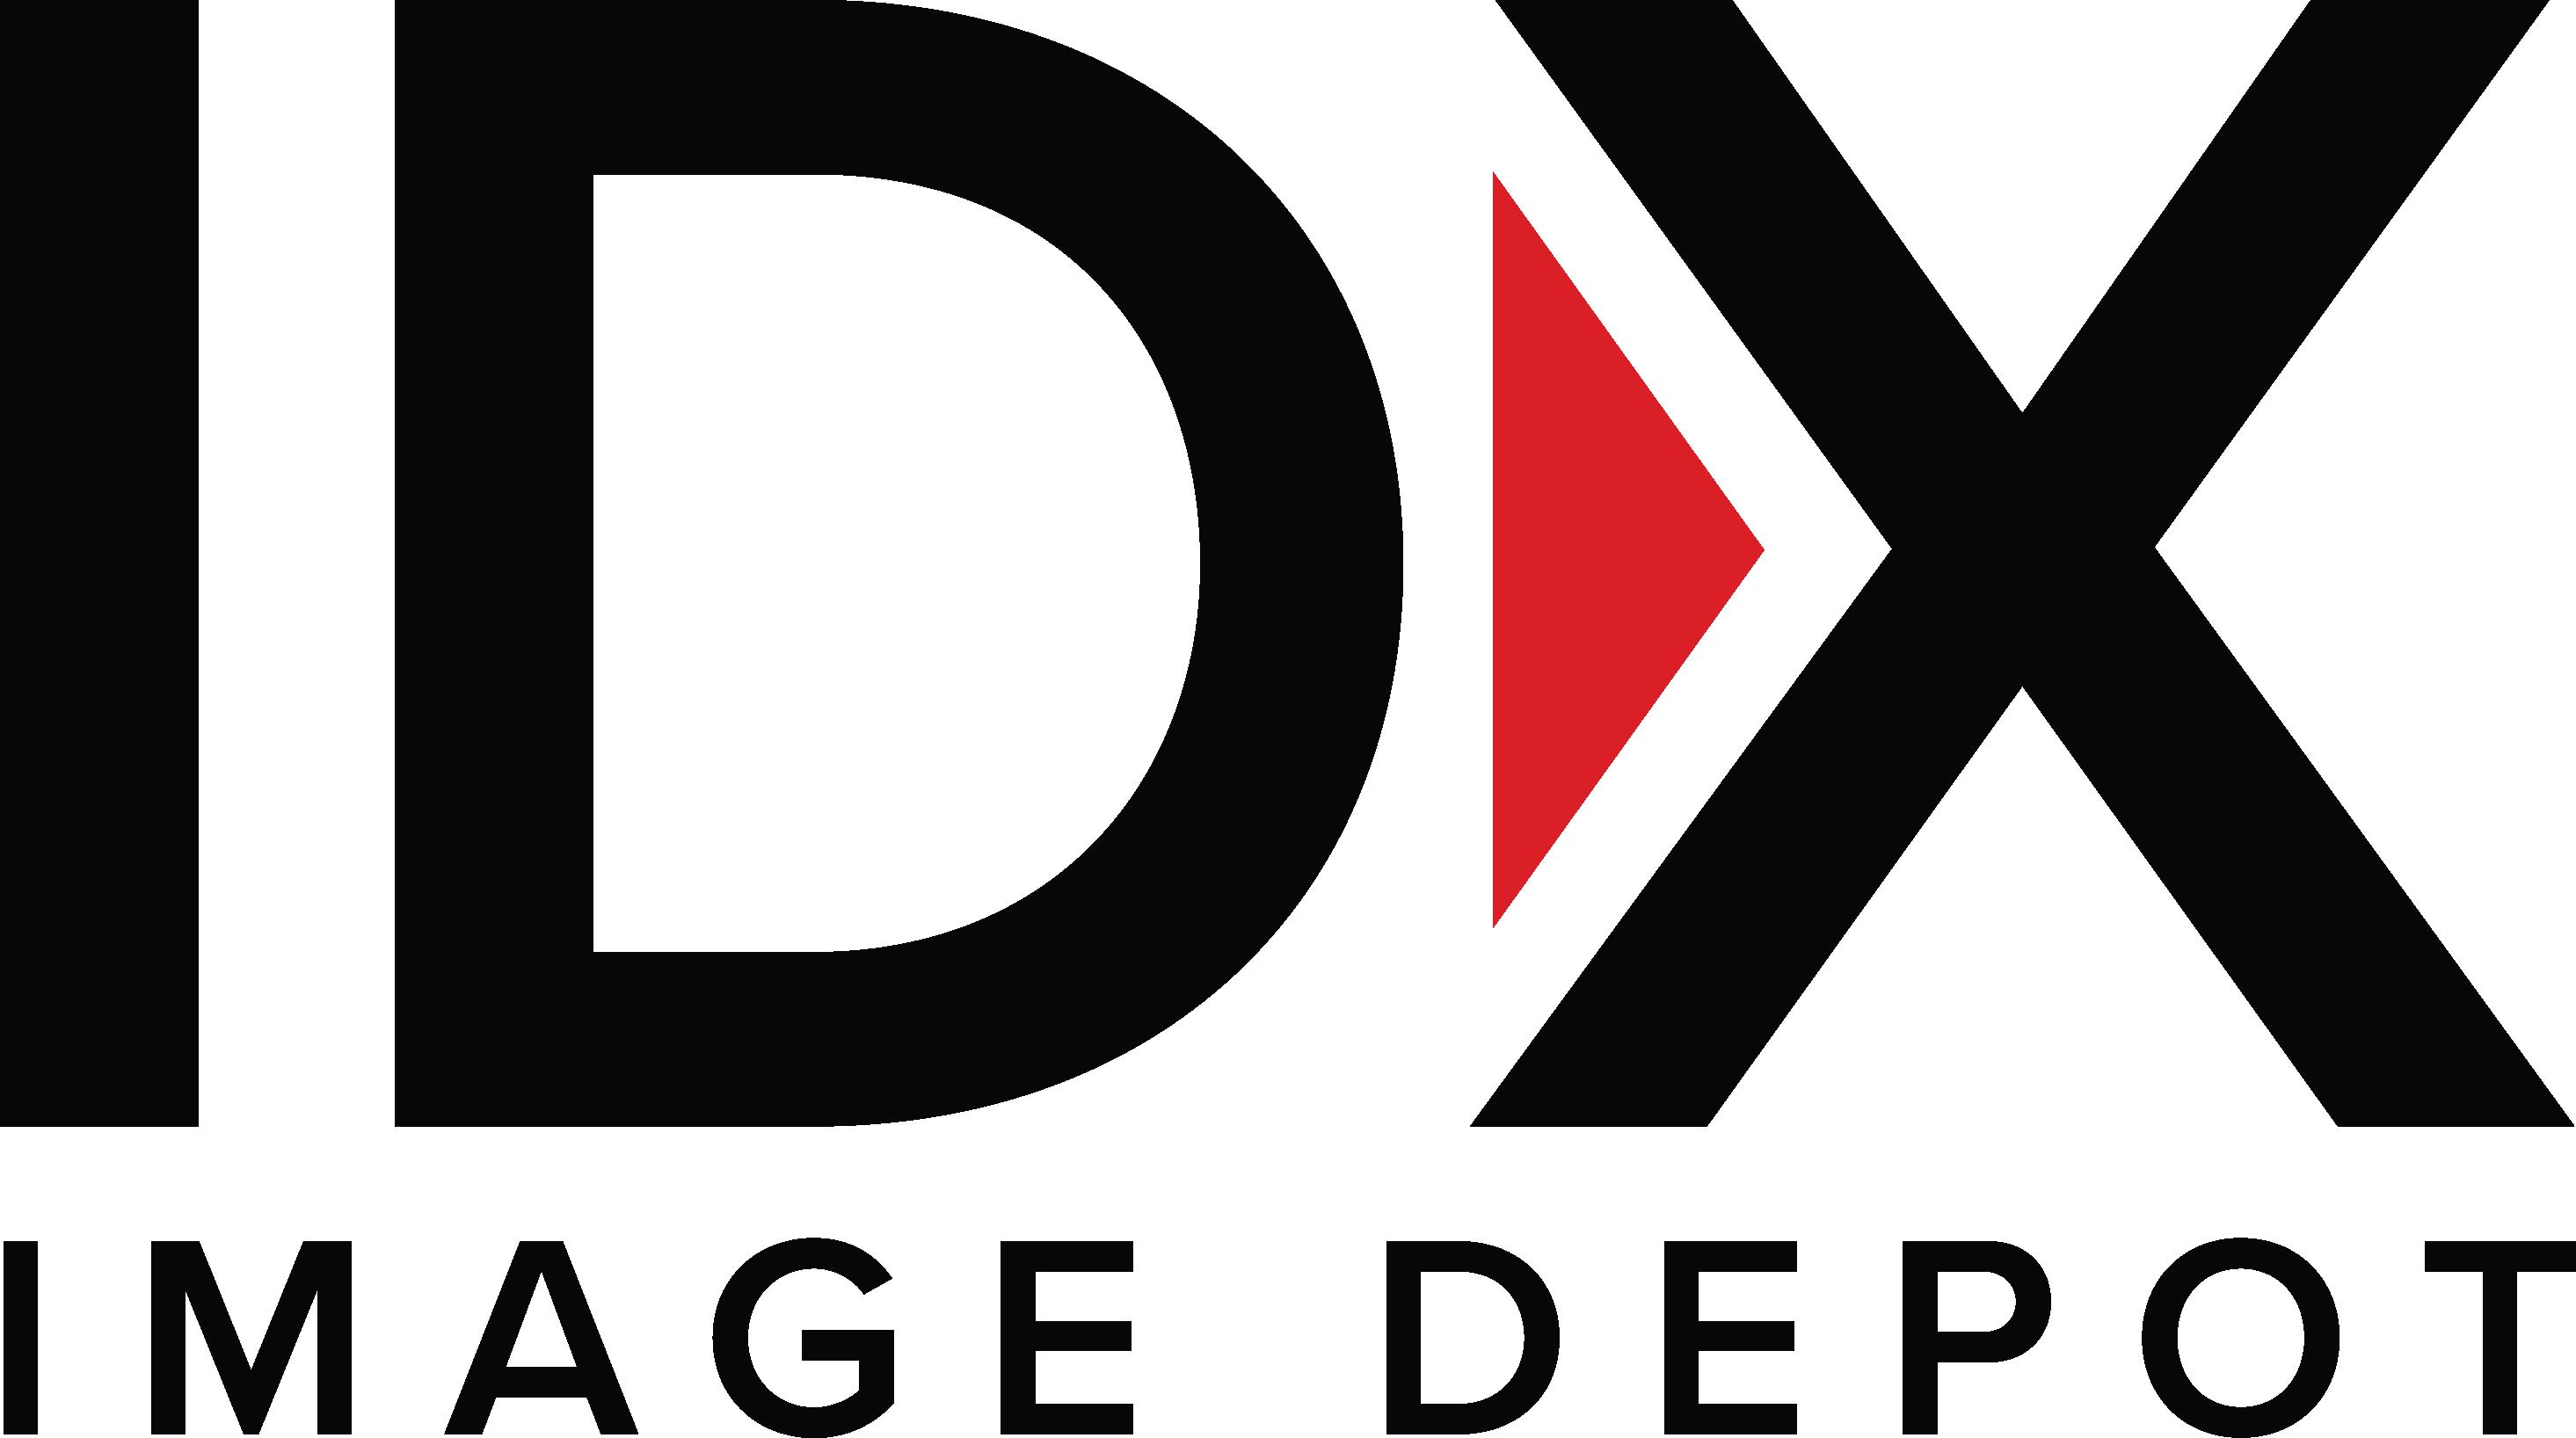 Image Depot Logo for Catapult Lakeland Sponsorship